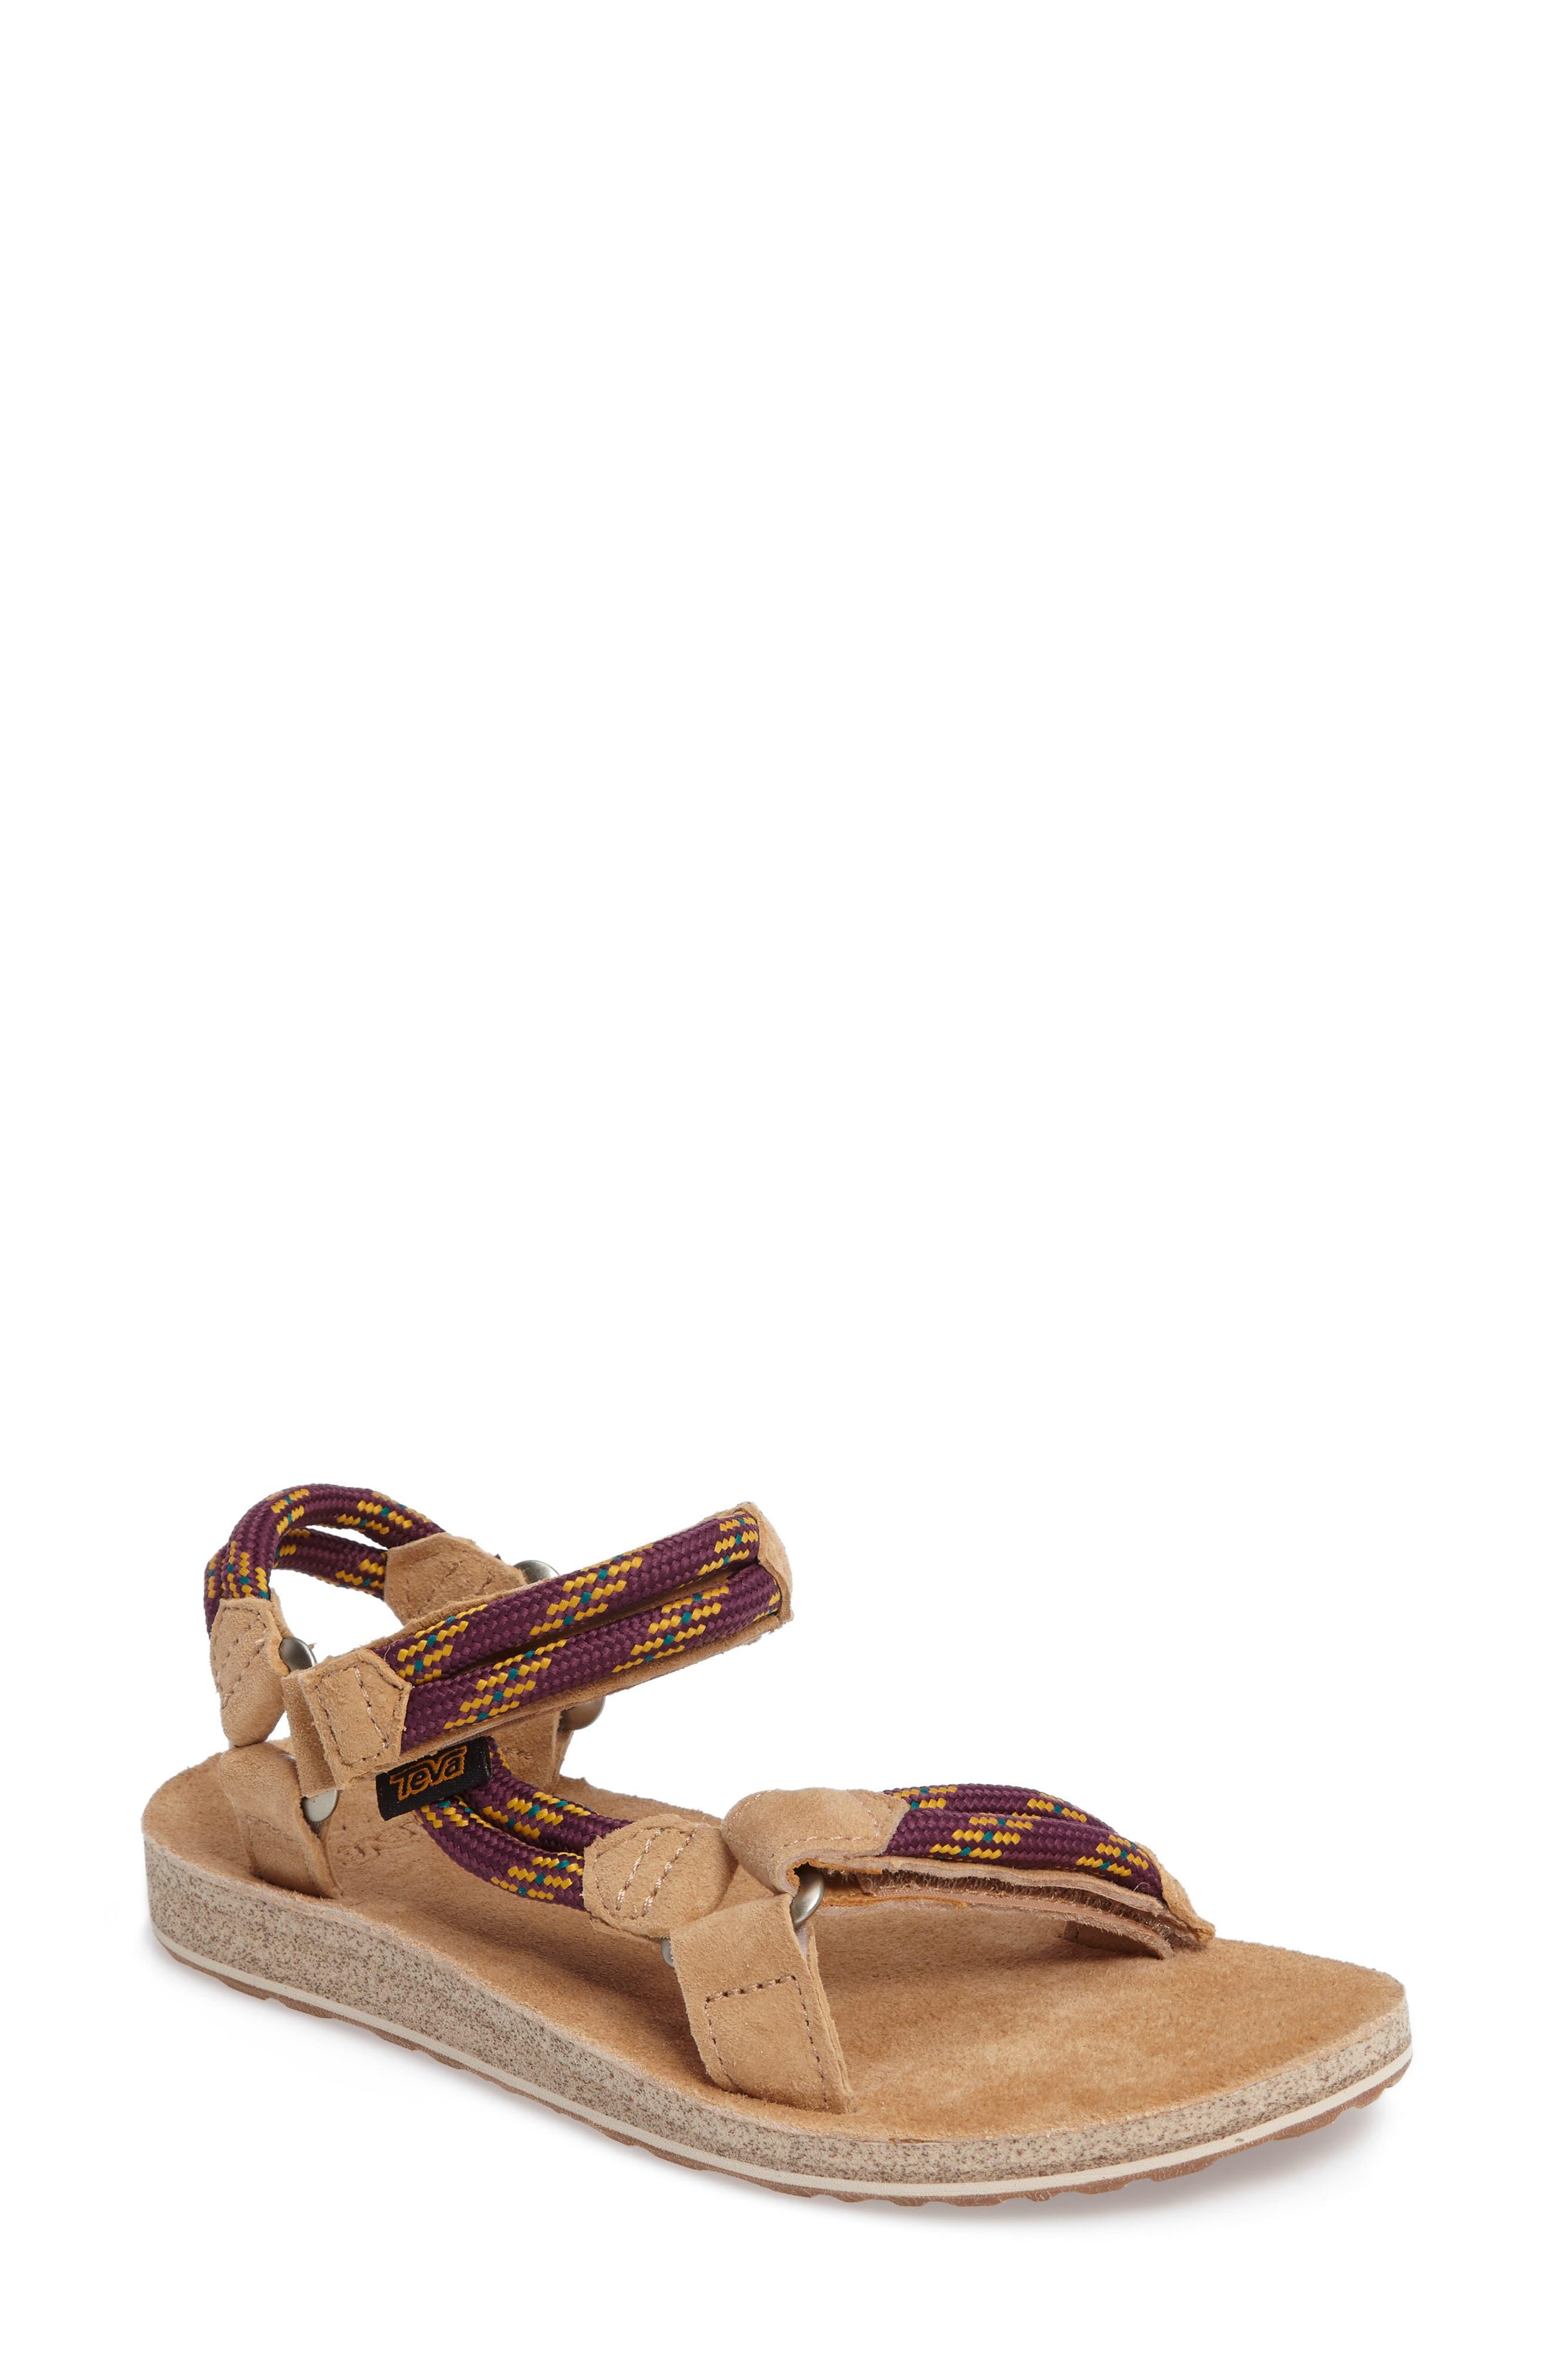 Teva Original Universal Rope Sandal (Women)